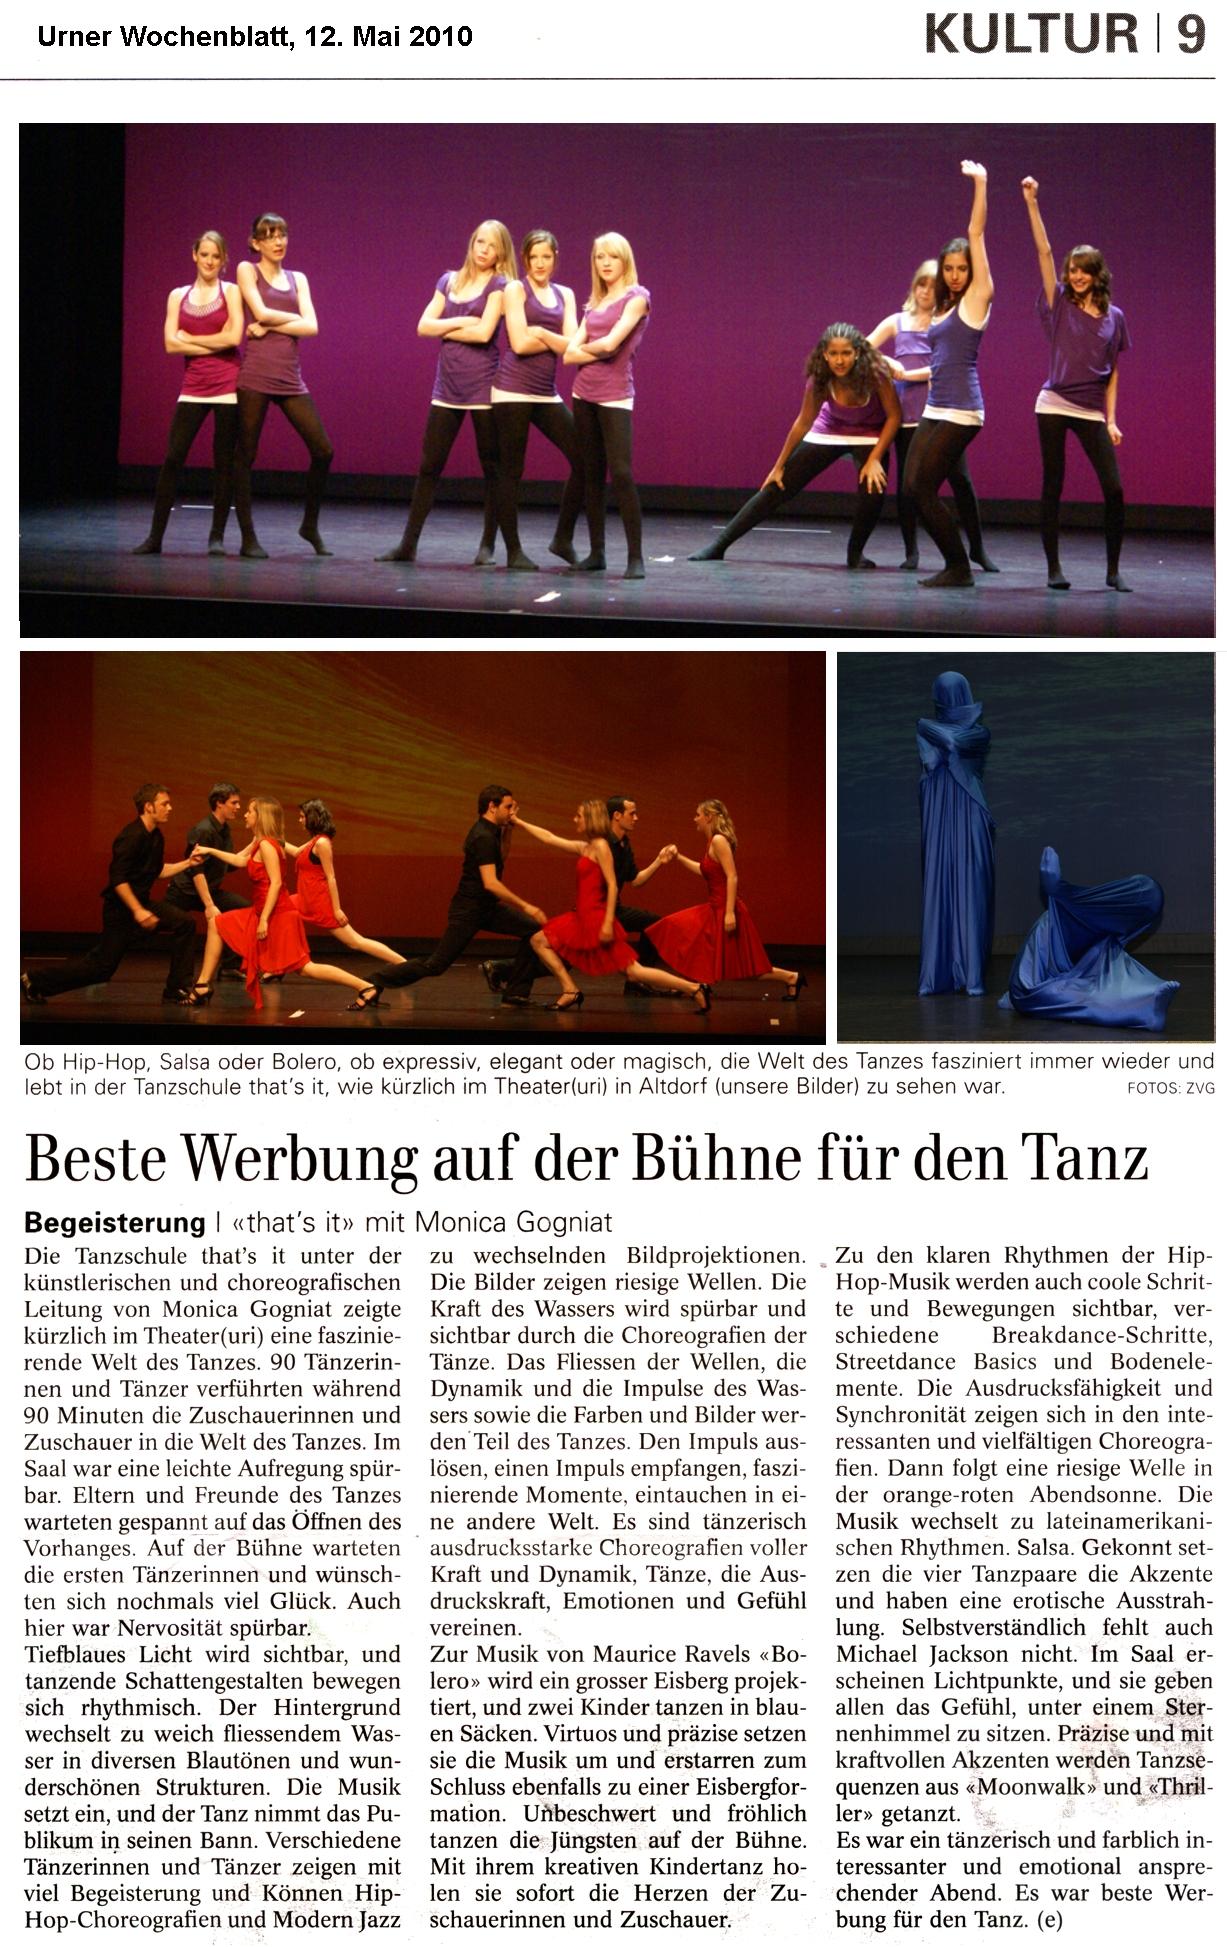 pressebericht-tanz-impuls-c-urner-wochenblatt-12.jpg